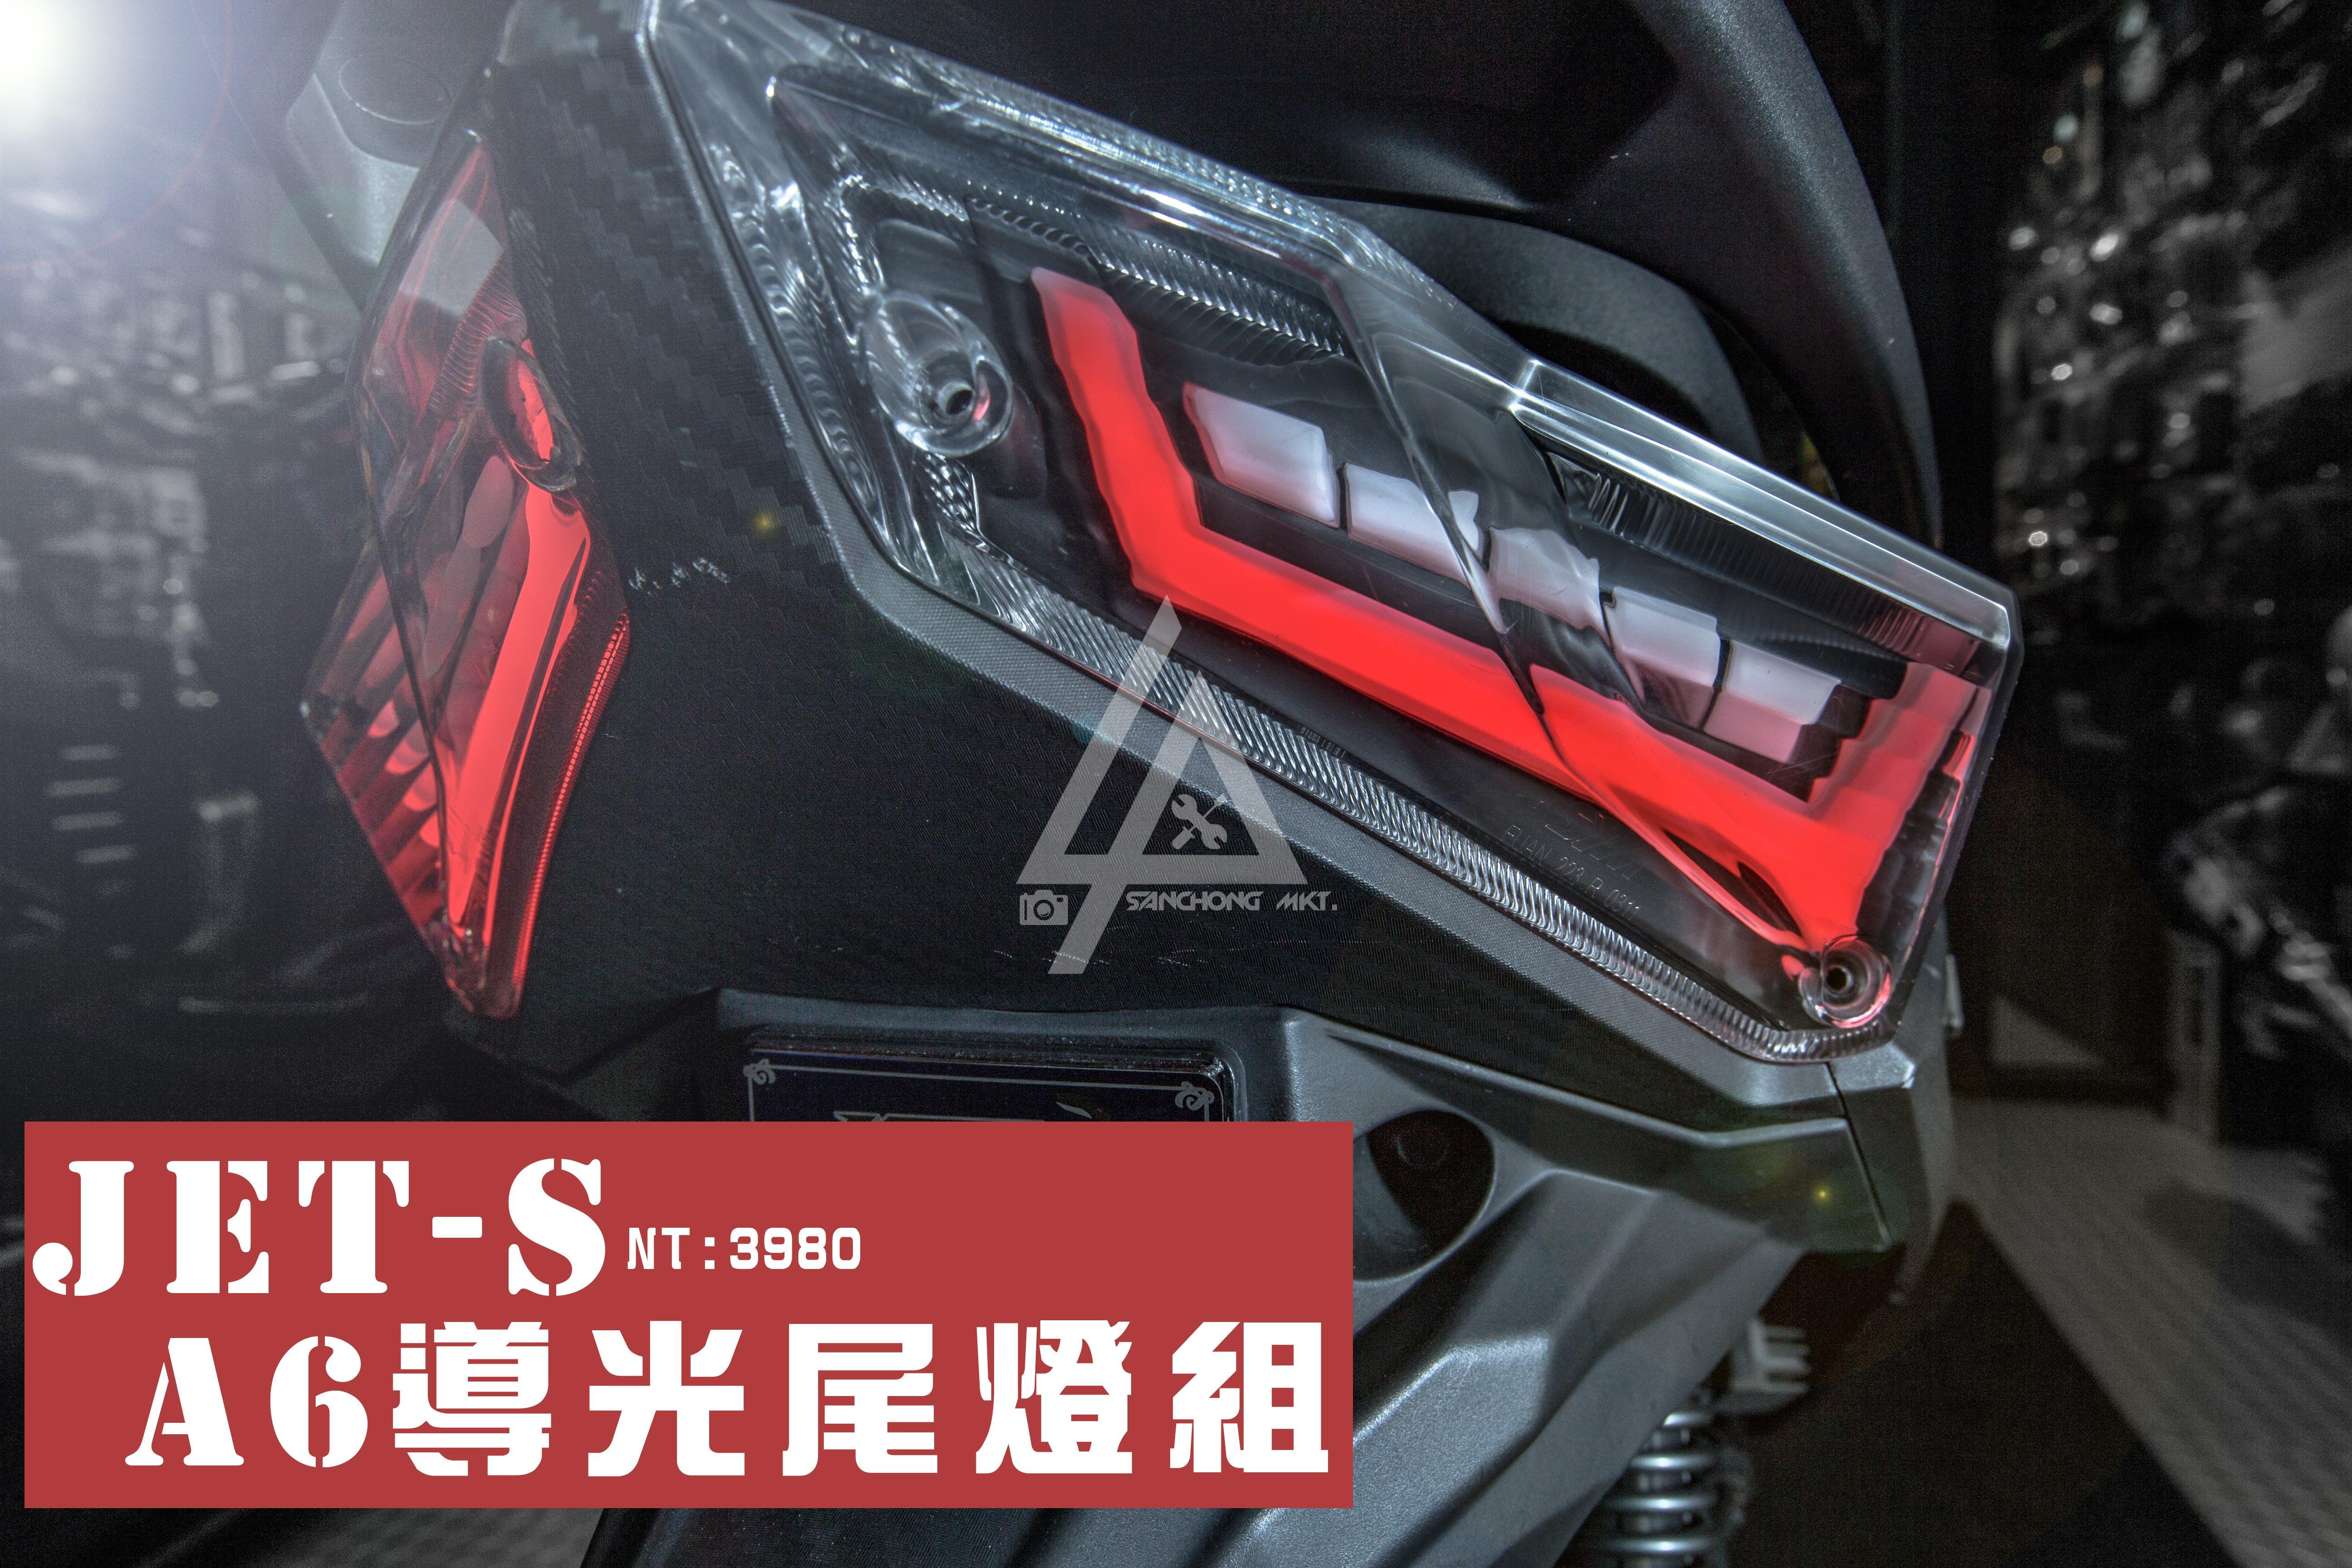 三重賣場 JETS 專用 A6尾燈 艾普光出品 JETS125 jets導光尾燈 改裝尾燈 LED尾燈 非鷹眼 魚眼